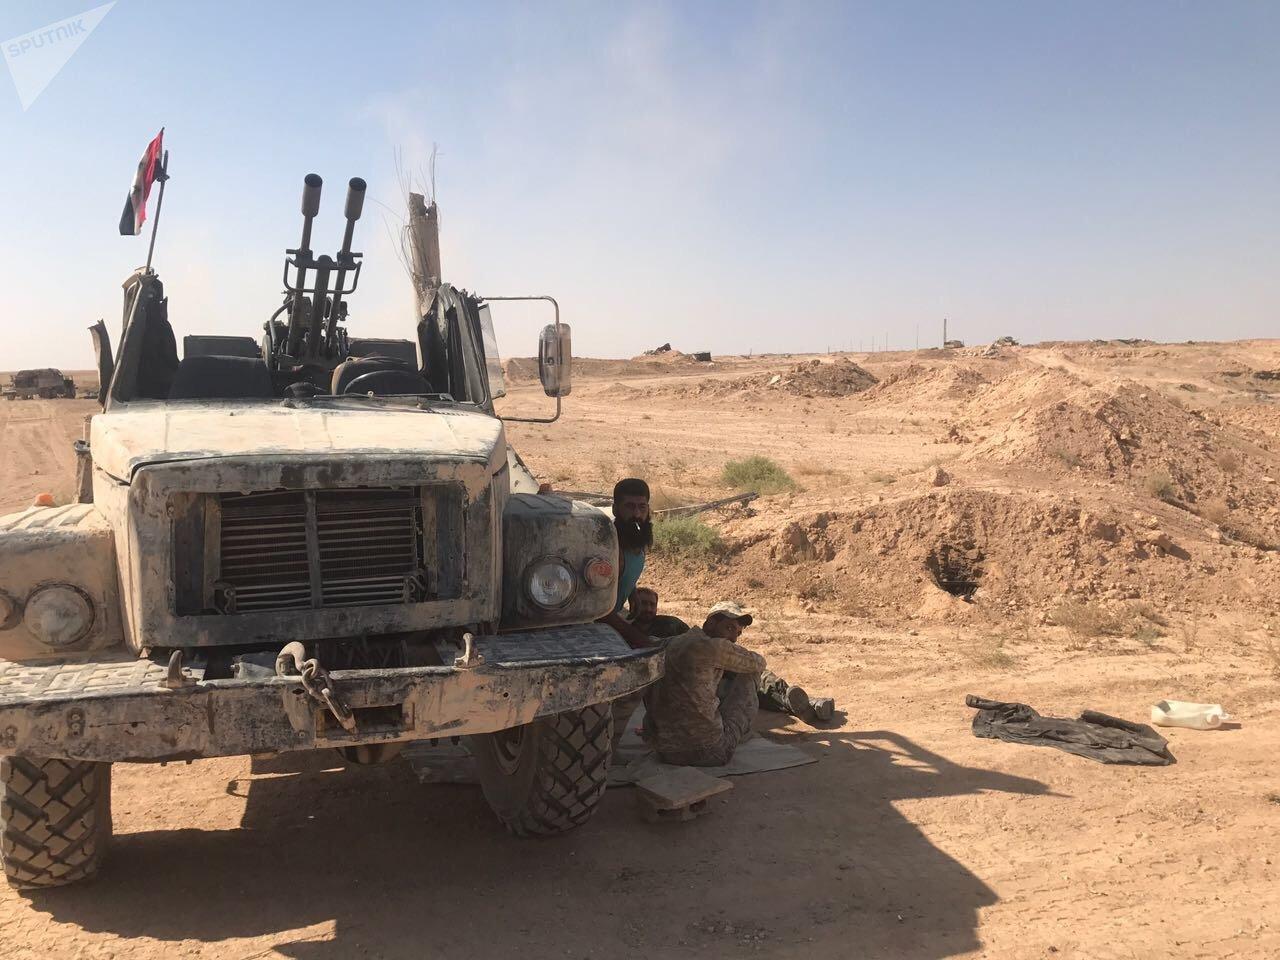 Ejército sirio rompe cerco del Estado Islámico en Deir al Zur